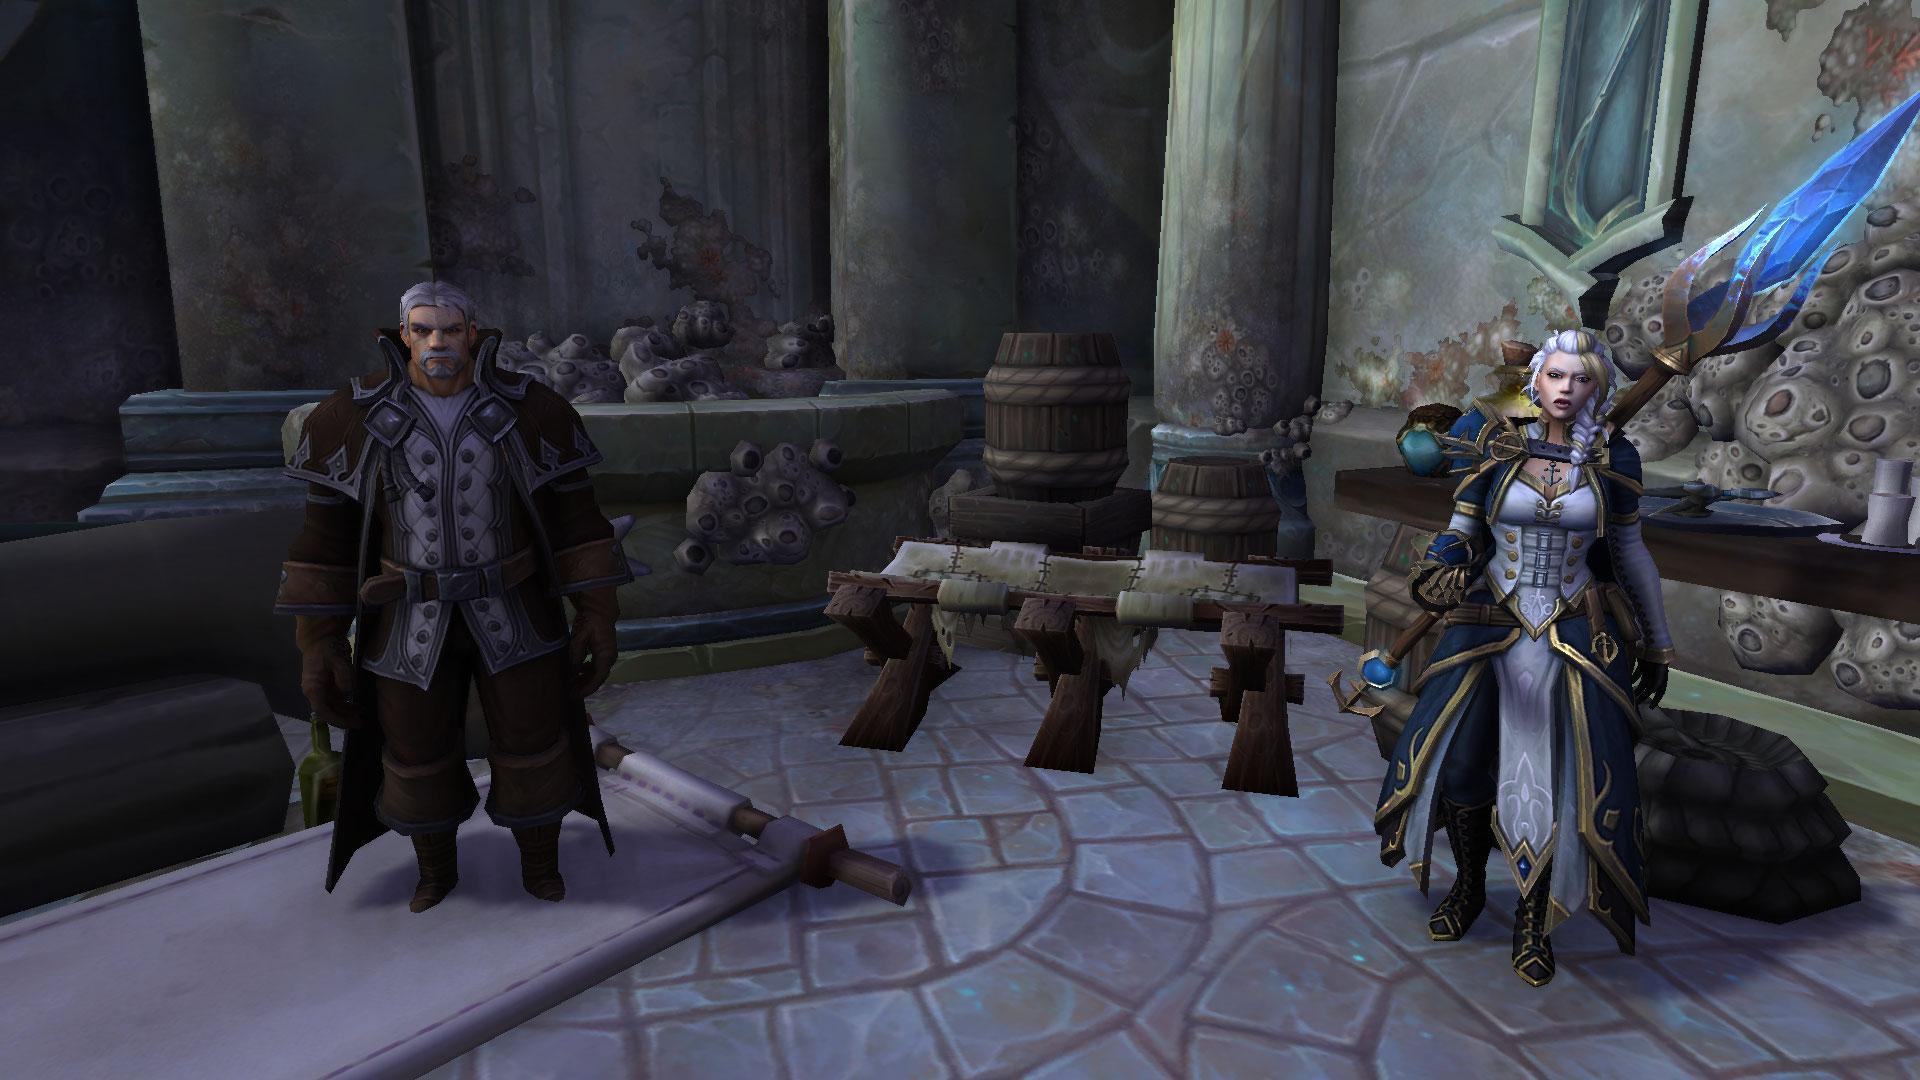 L'Alliance va concentrer ses efforts envers Azshara et laisser gagner du terrain à la rébellion de Saurcroc